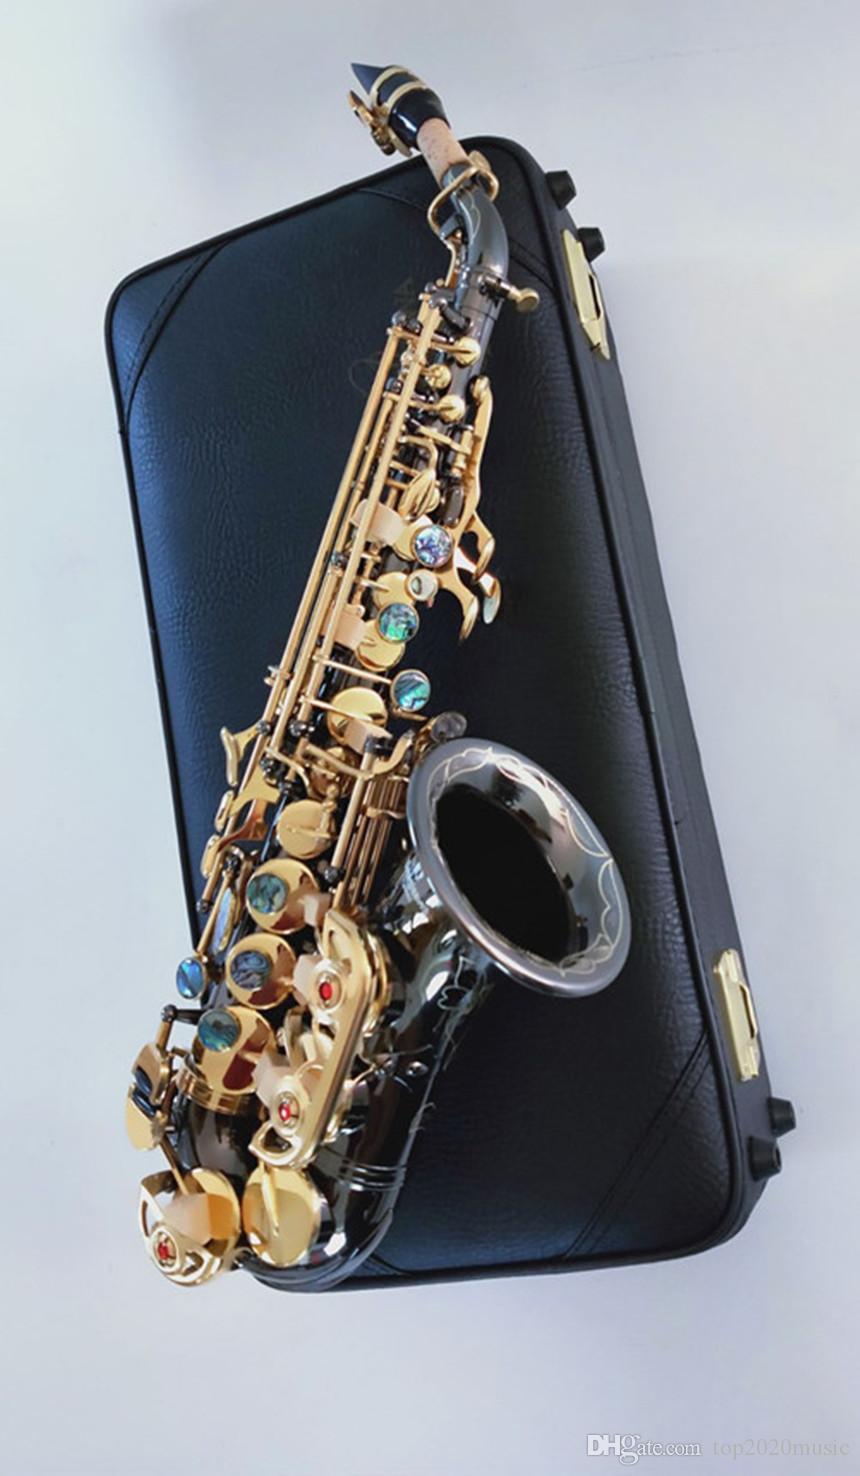 العلامة التجارية الجديدة ياناجيساوا S-991 ب ب اللحن أداة الموسيقى المفتاح الذهبي عالية الجودة منحني السوبرانو الساكسفون مع الناطقة بلسان حالة